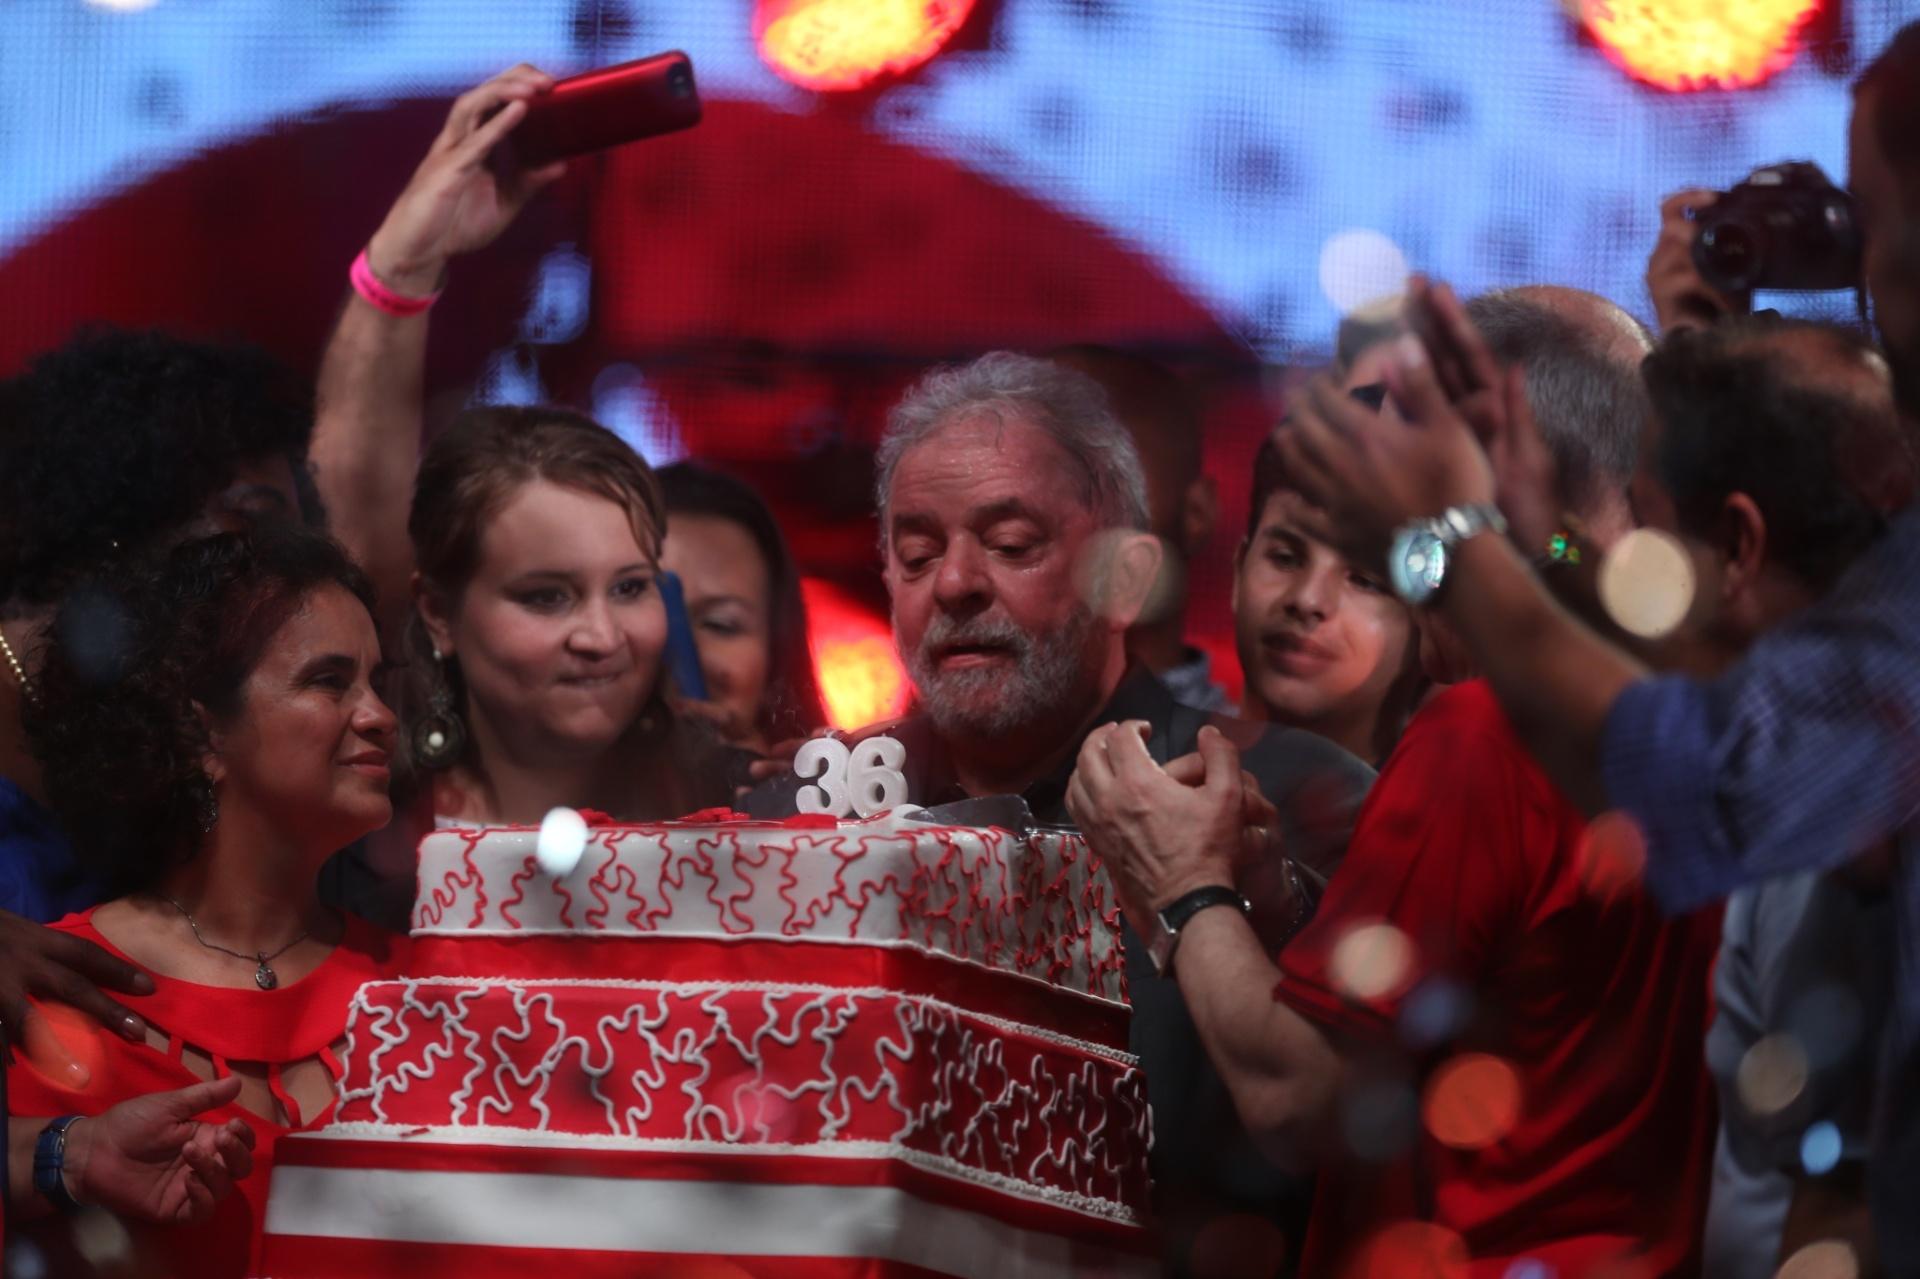 27.fev.2016 - O ex-presidente Luiz Inácio Lula da Silva assopra as velas do bolo durante festa em comemoração aos 36 anos do Partido dos Trabalhadores (PT), na zona portuária do Rio de Janeiro